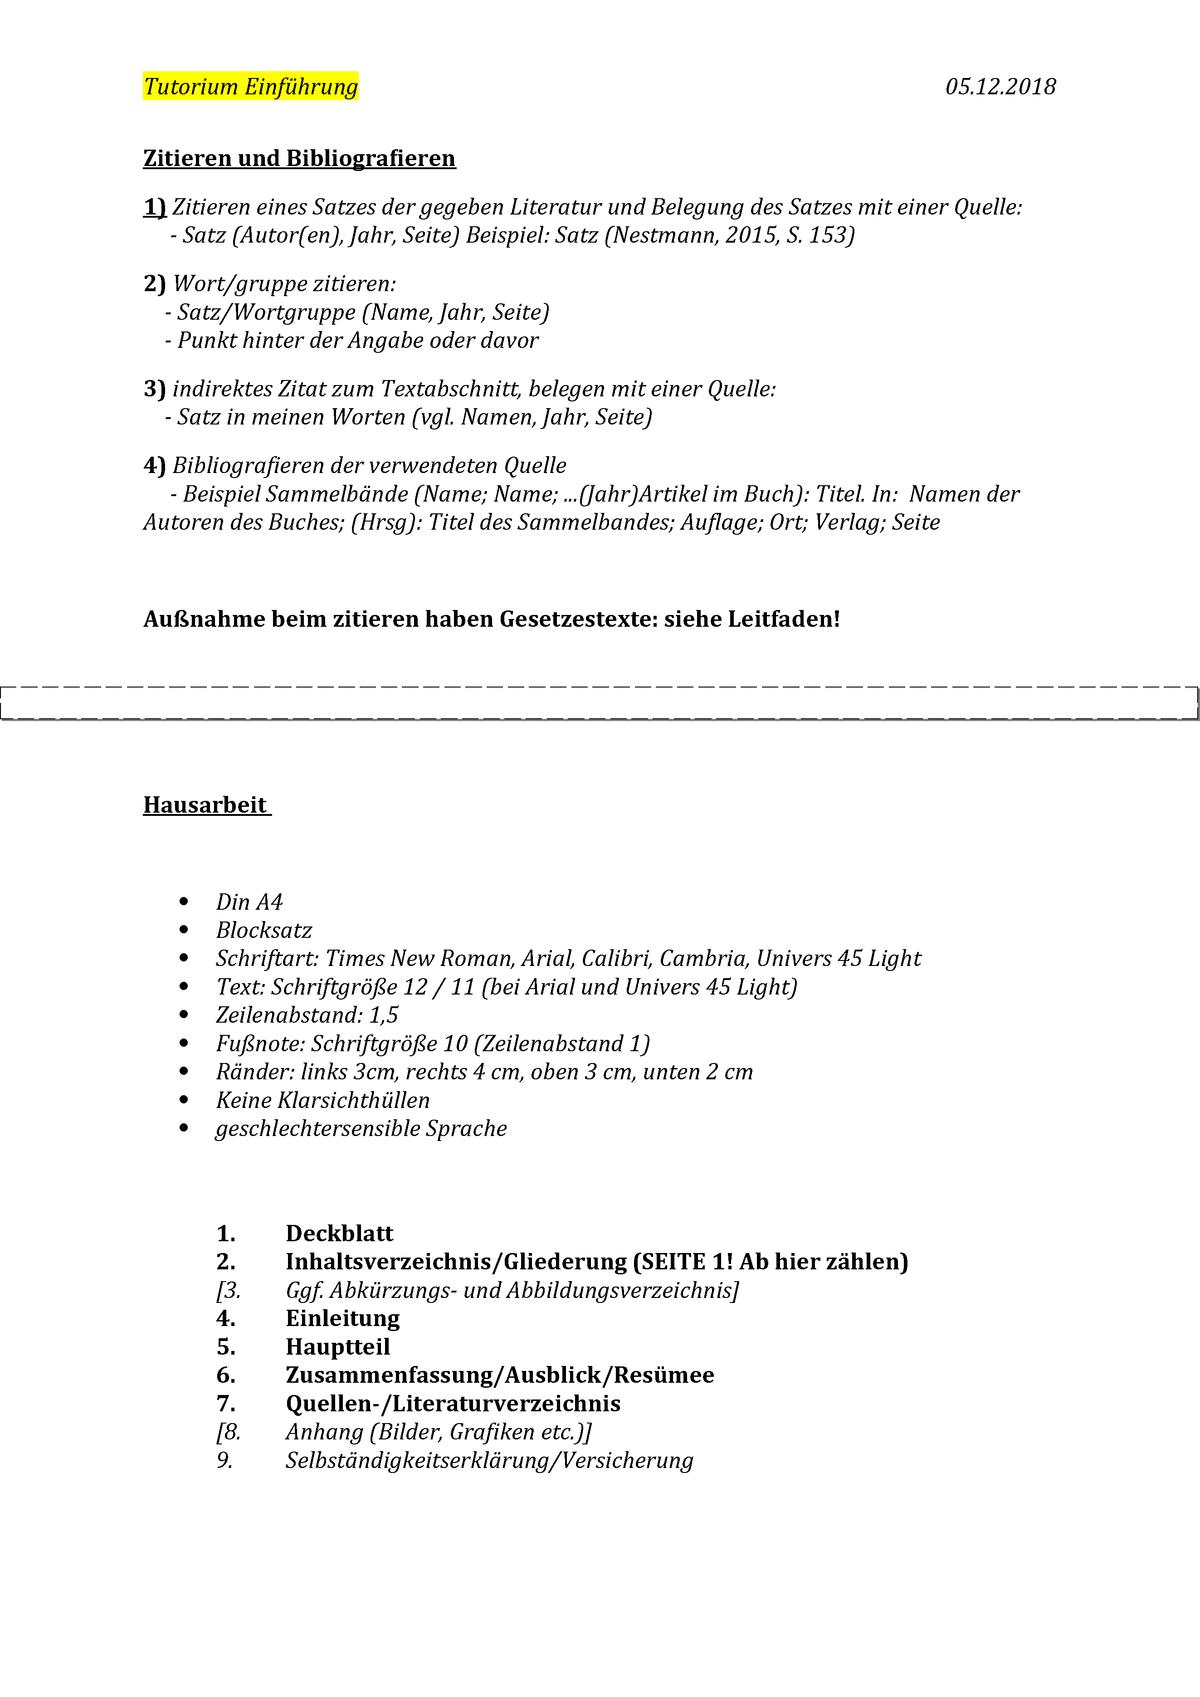 Zitieren Und Bibliografieren Hausarbeit Tu290100 Studocu